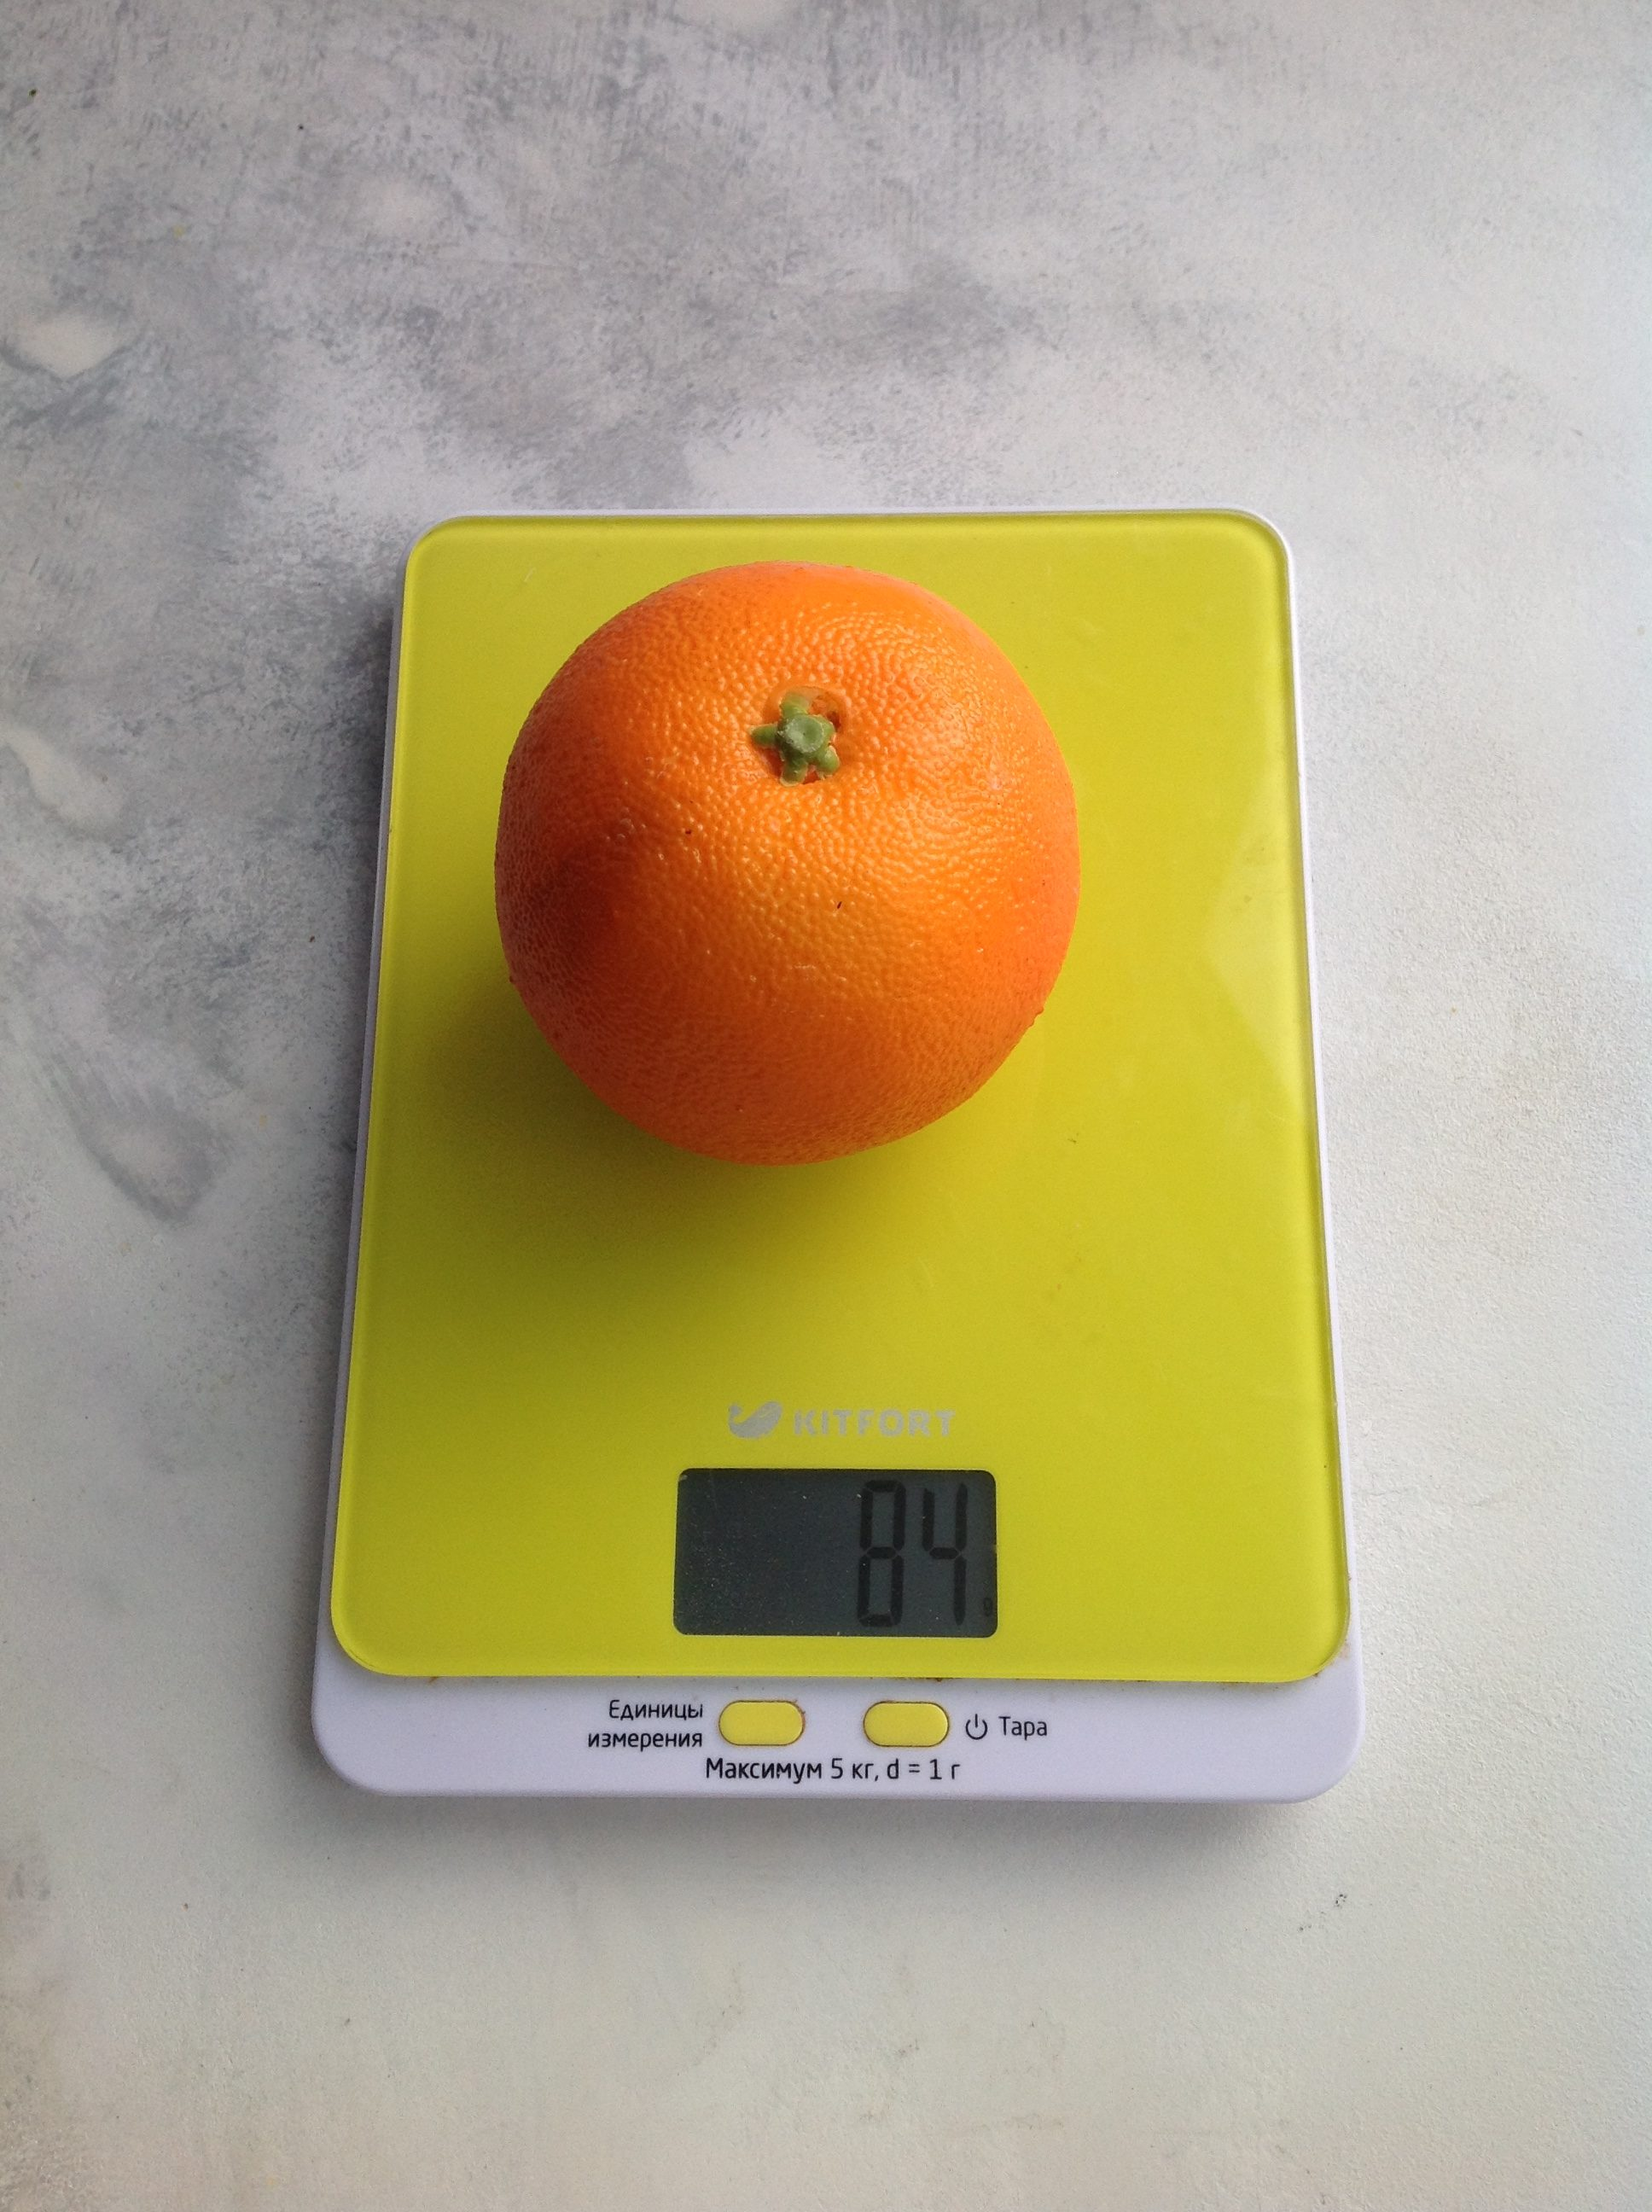 вес апельсина воскового